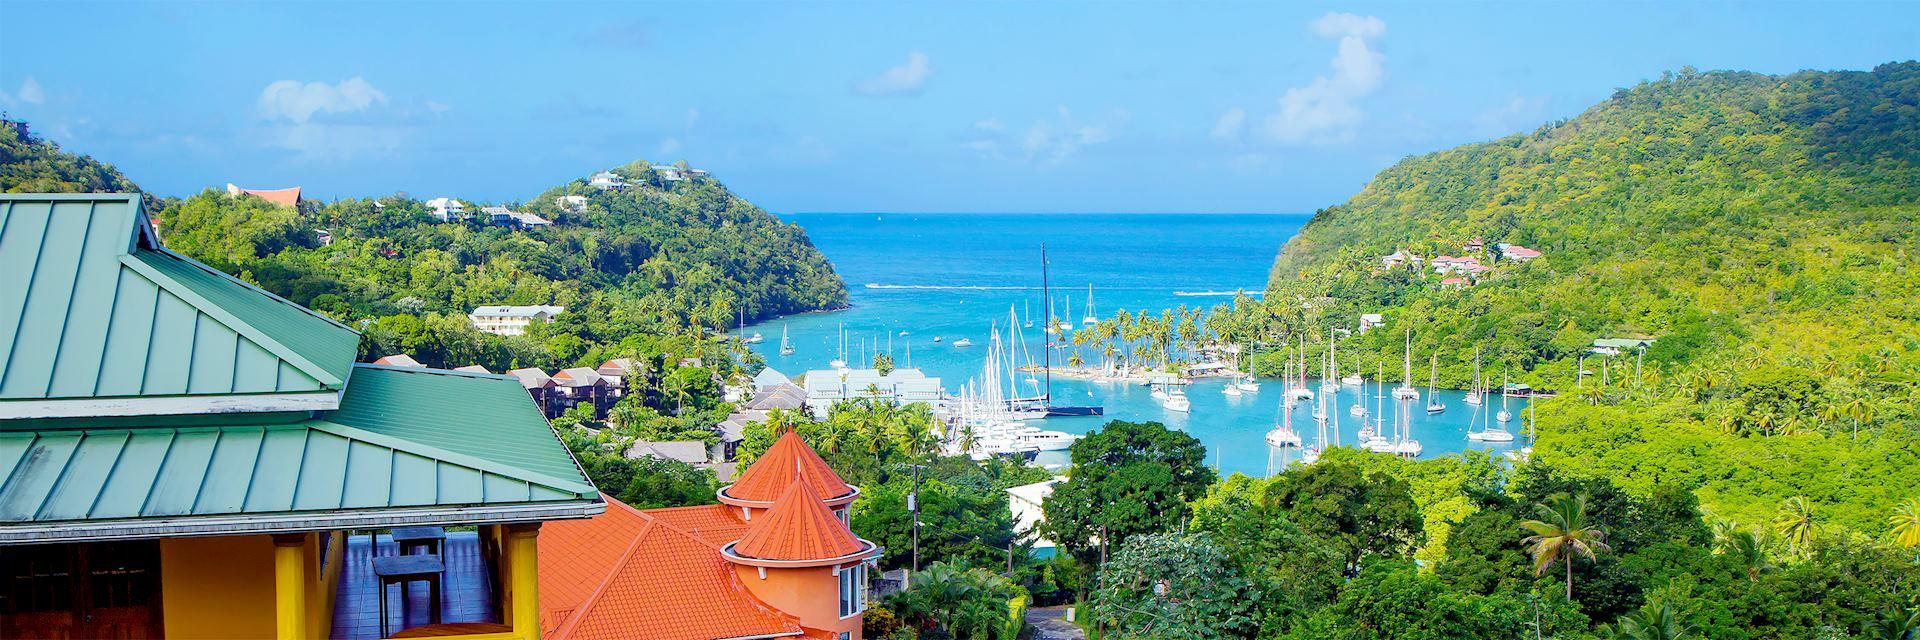 St Lucia skyline